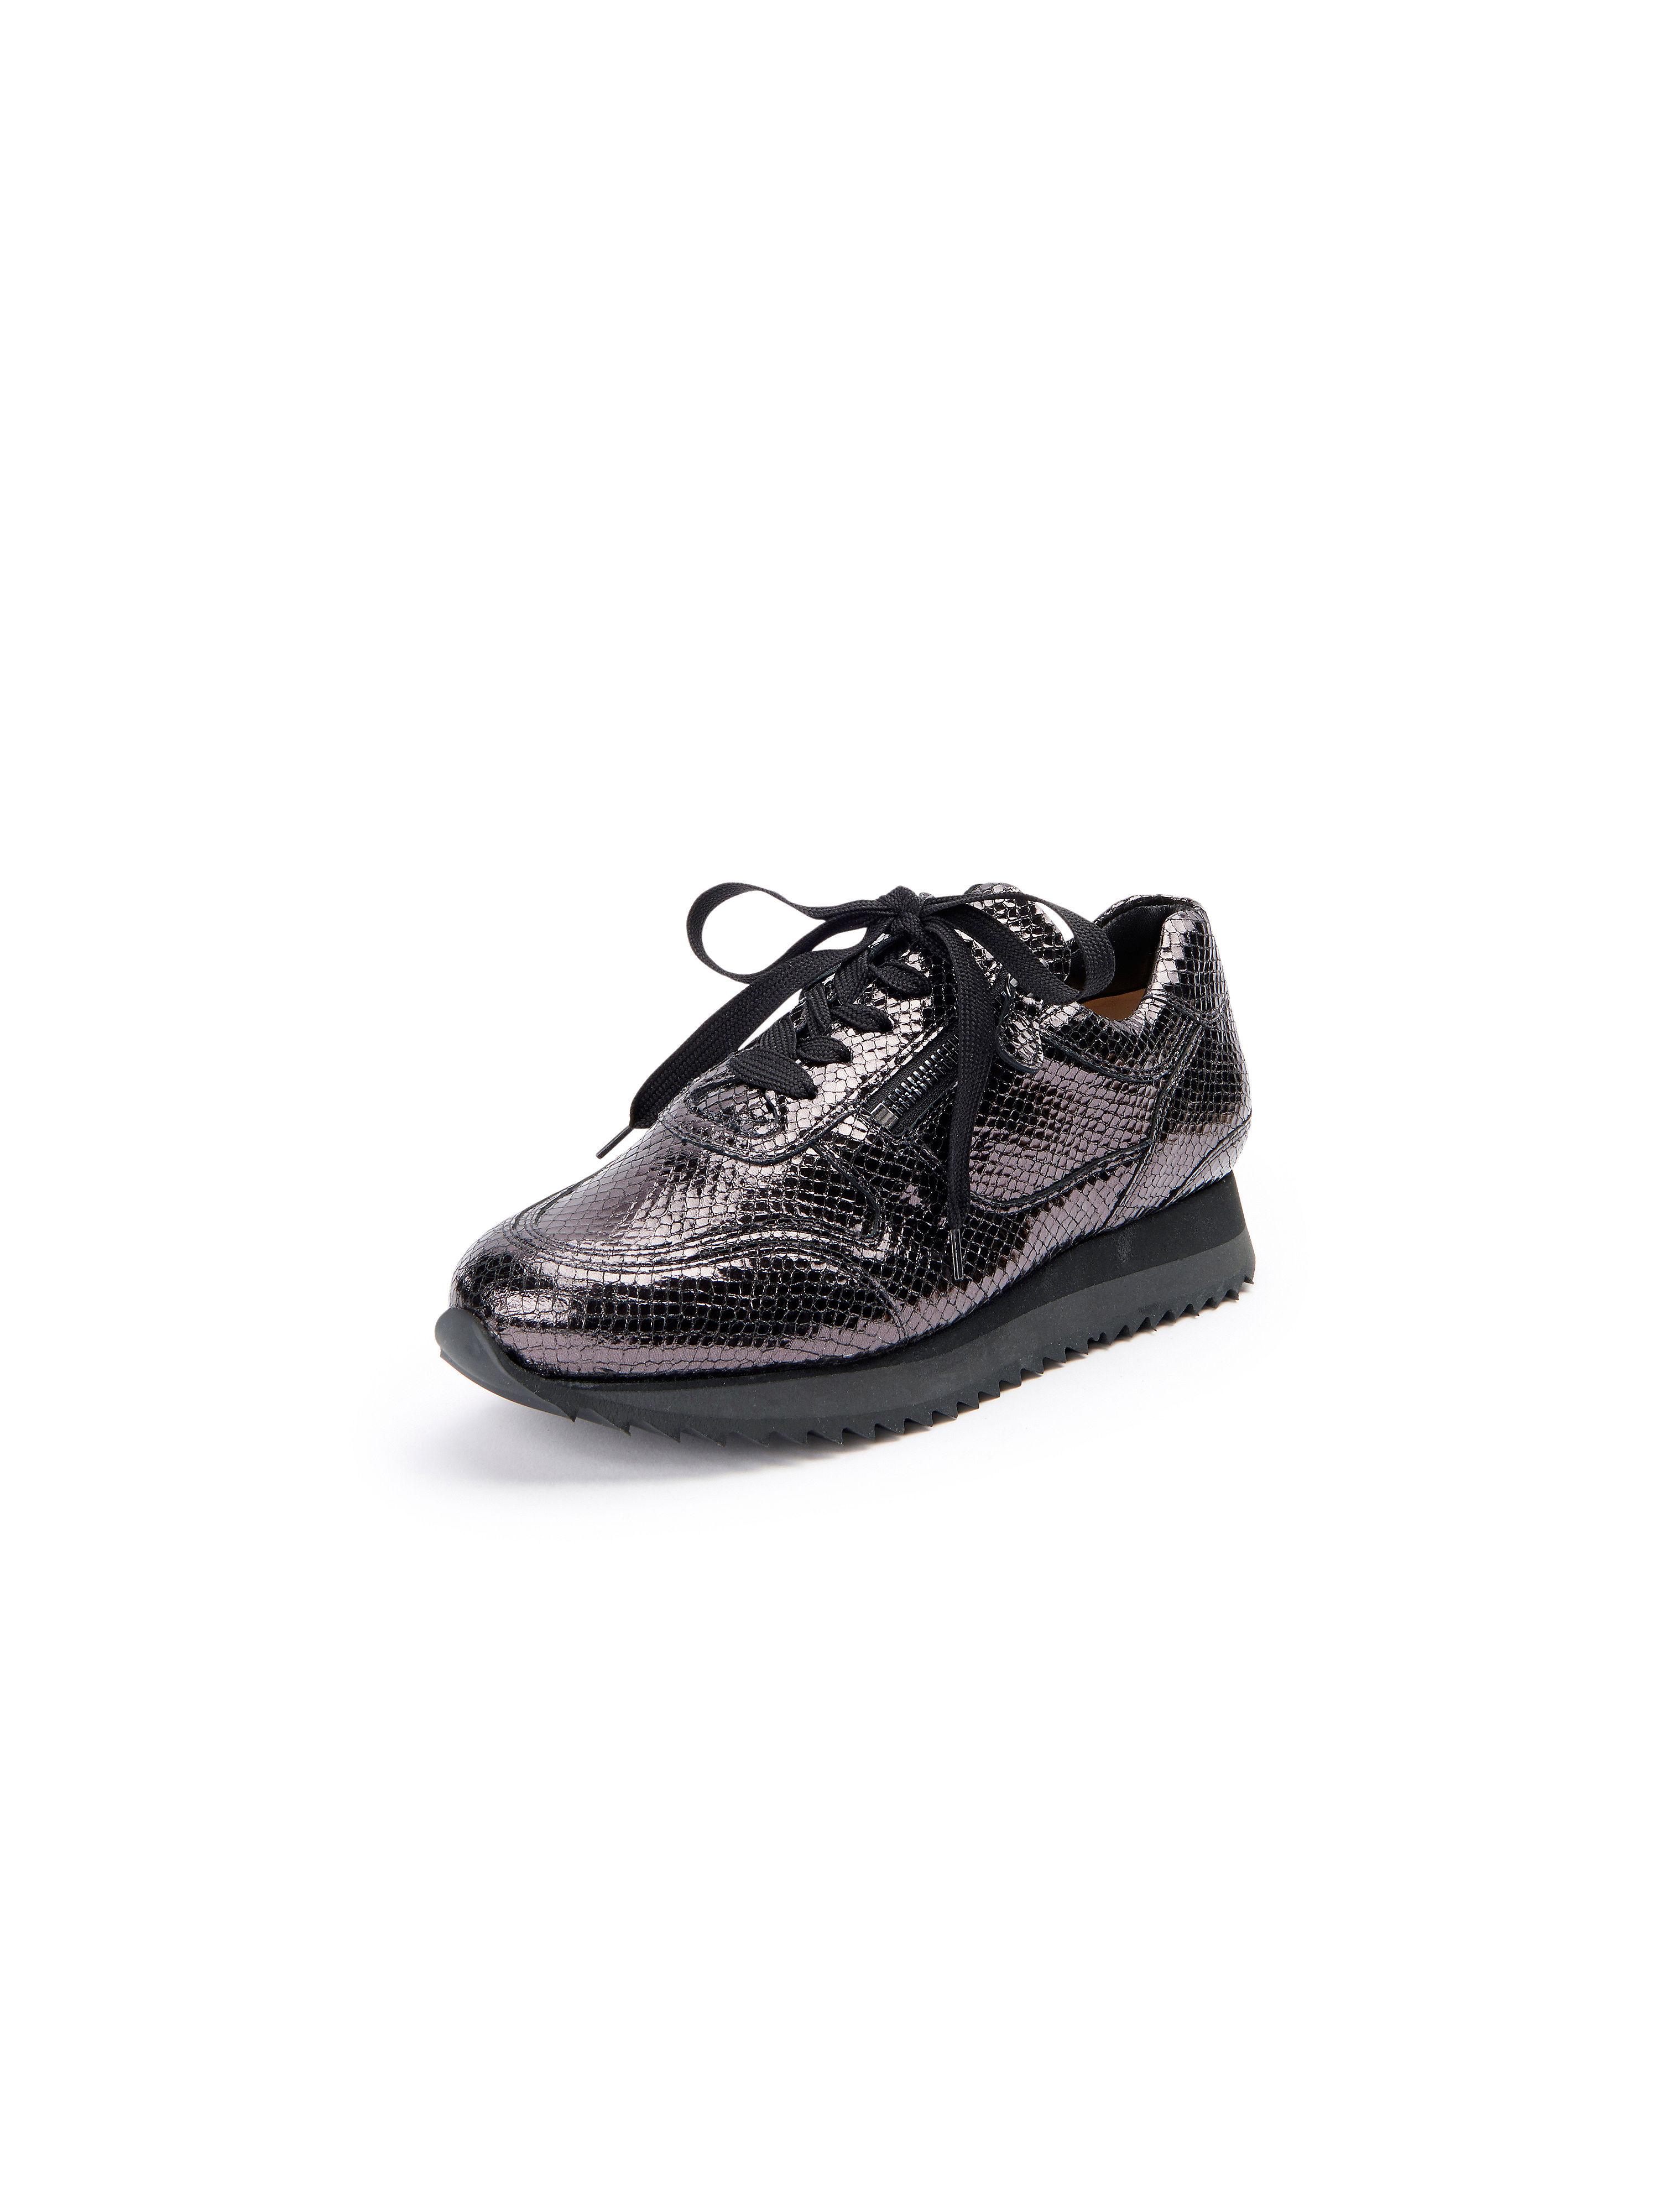 Chaussures De Sport Gris Officiel De Sortie Réduction Pour Pas Cher XBLlmZB